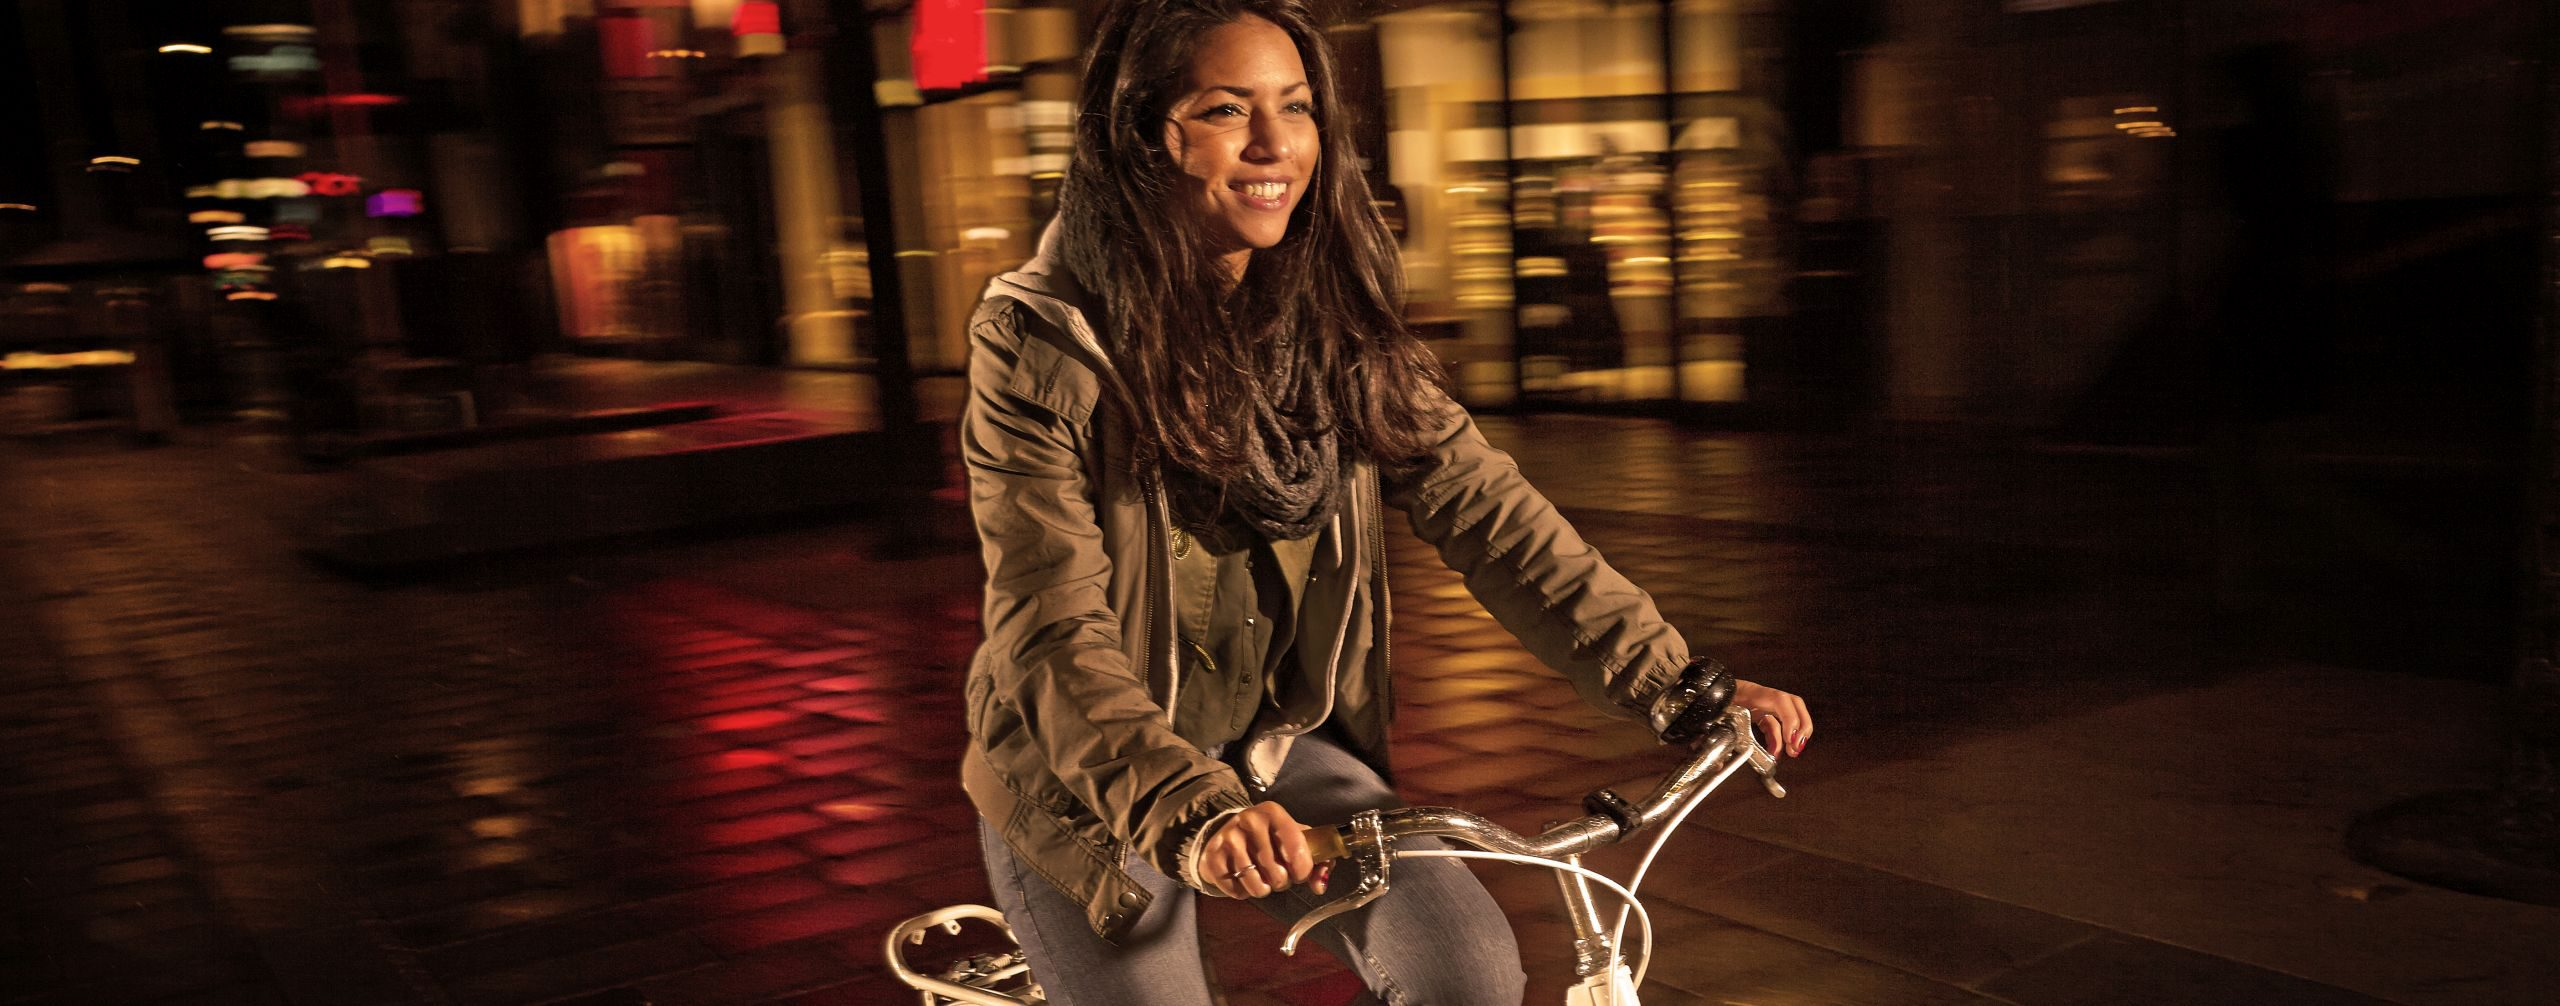 Eine junge Frau ist bei Nacht mit einem gut beleuchteten Fahrrad unterwegs. Foto: Stephan Doleschal